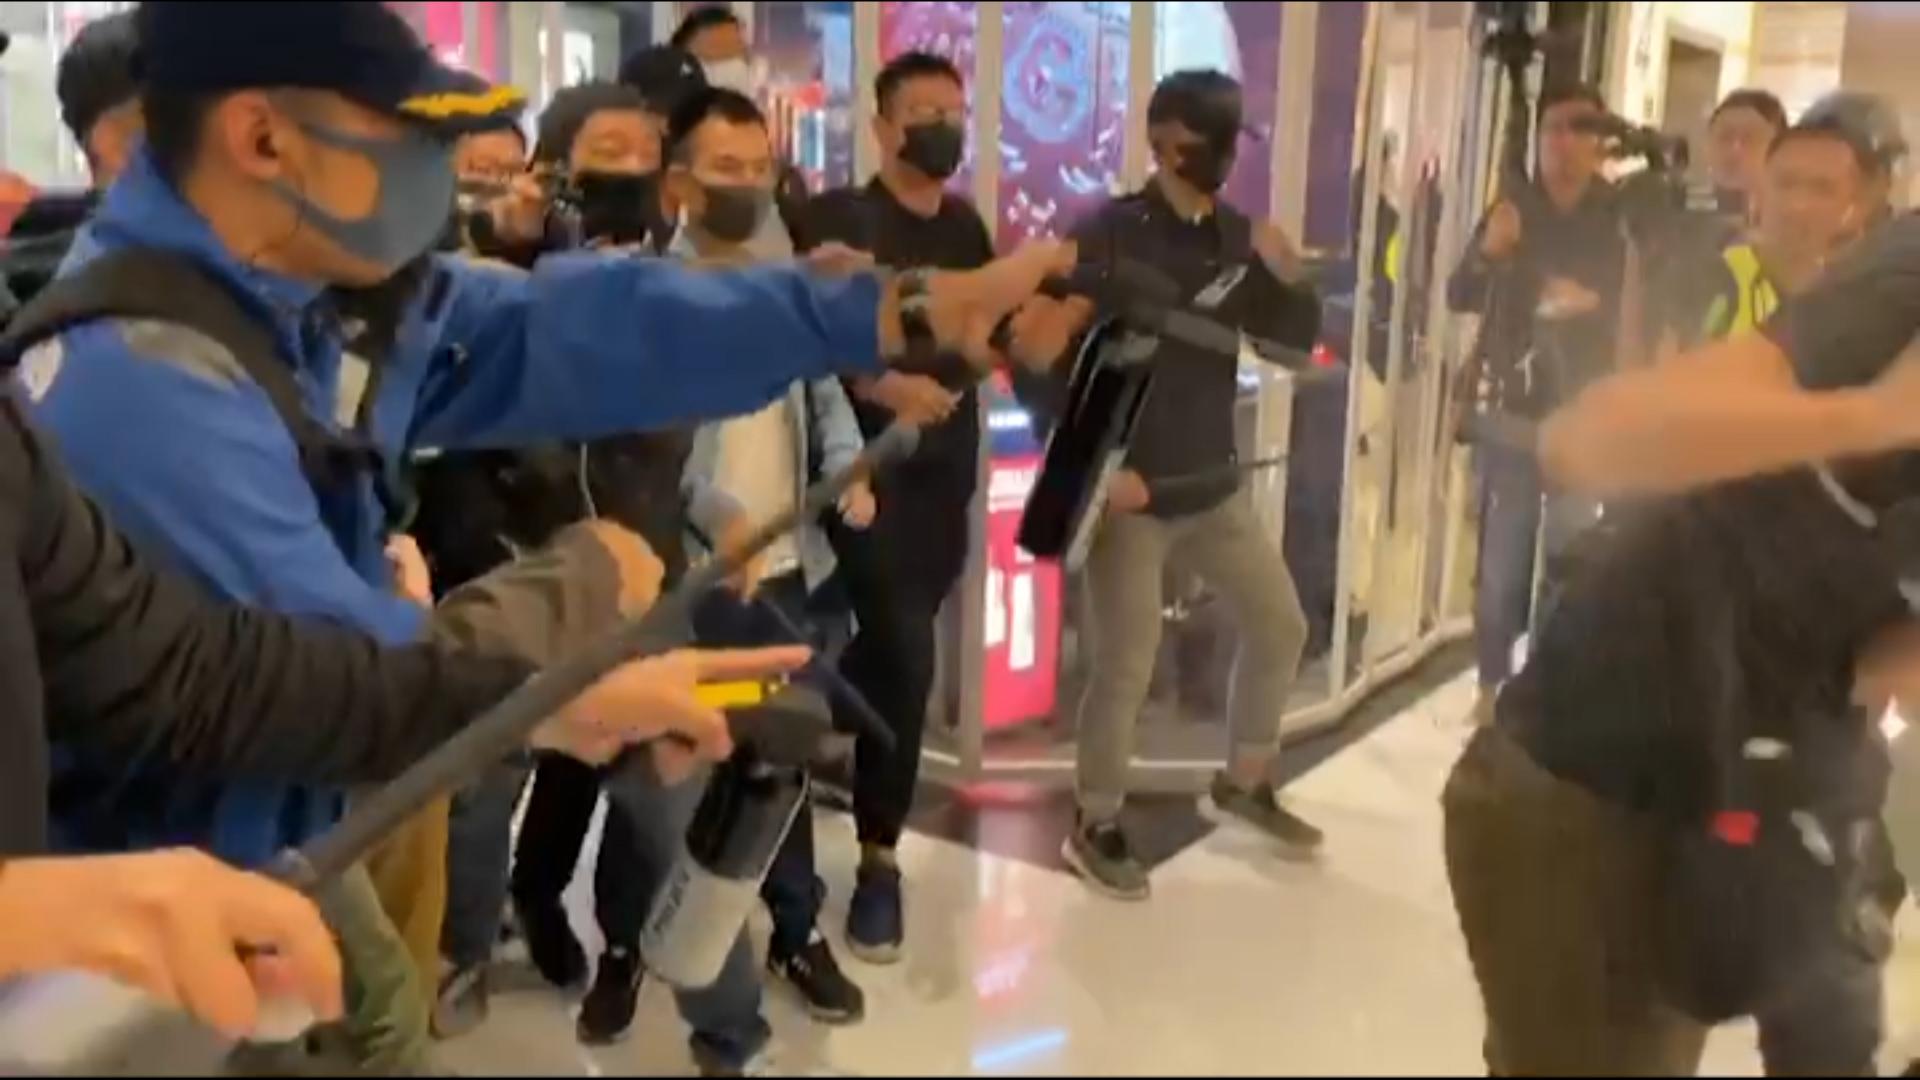 防暴沙田新城市廣場制服多人 警向聲援市民噴椒(拍攝:鍾妍、剪接:黃詠賢)